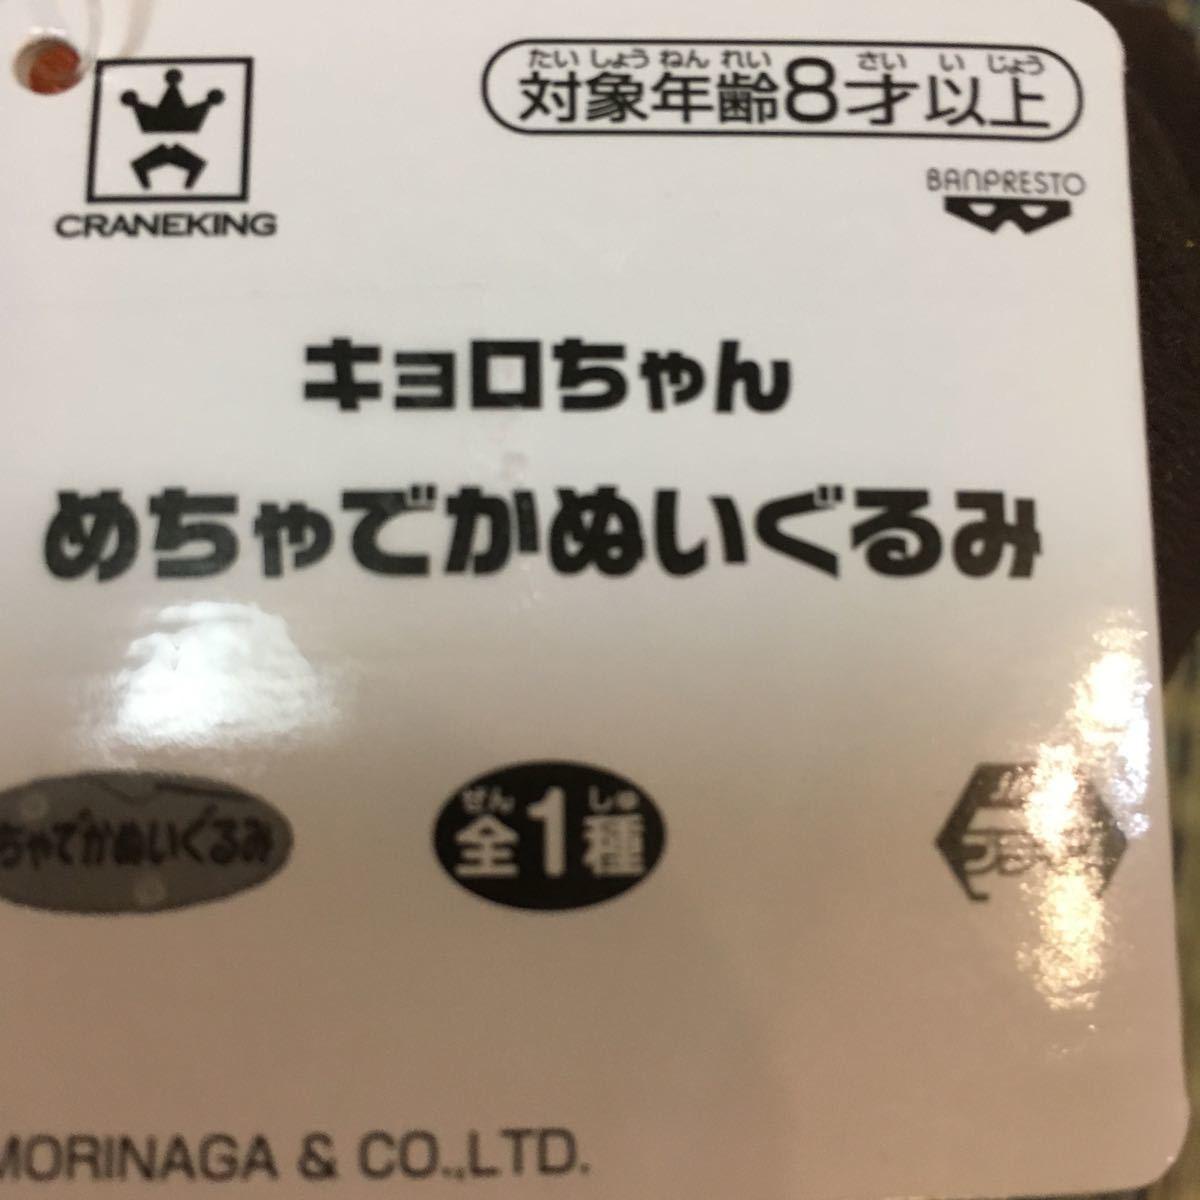 モーリーファンタジー 限定 キョロちゃん めちゃでか ぬいぐるみ_画像2